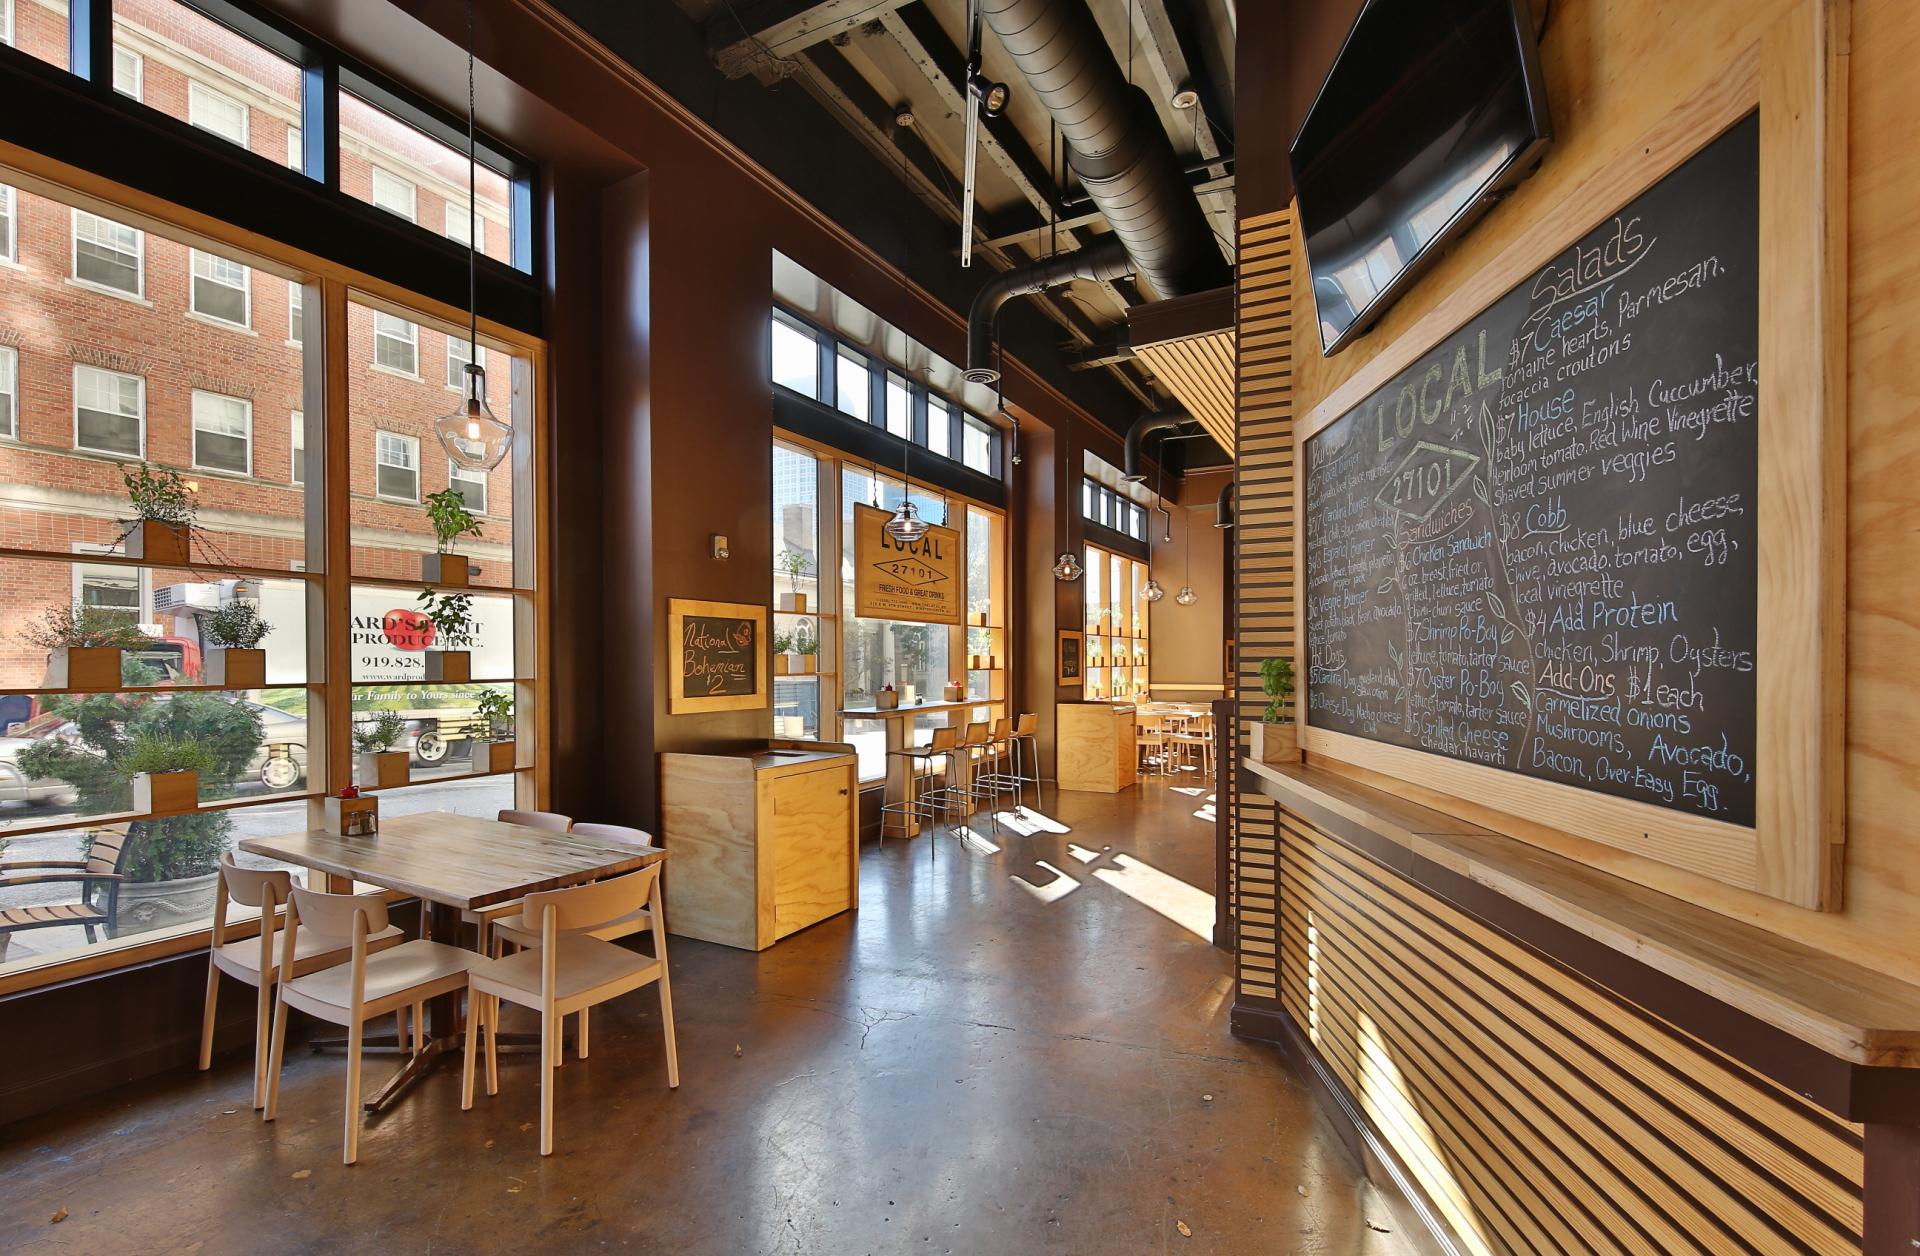 Local 27101 Restaurant